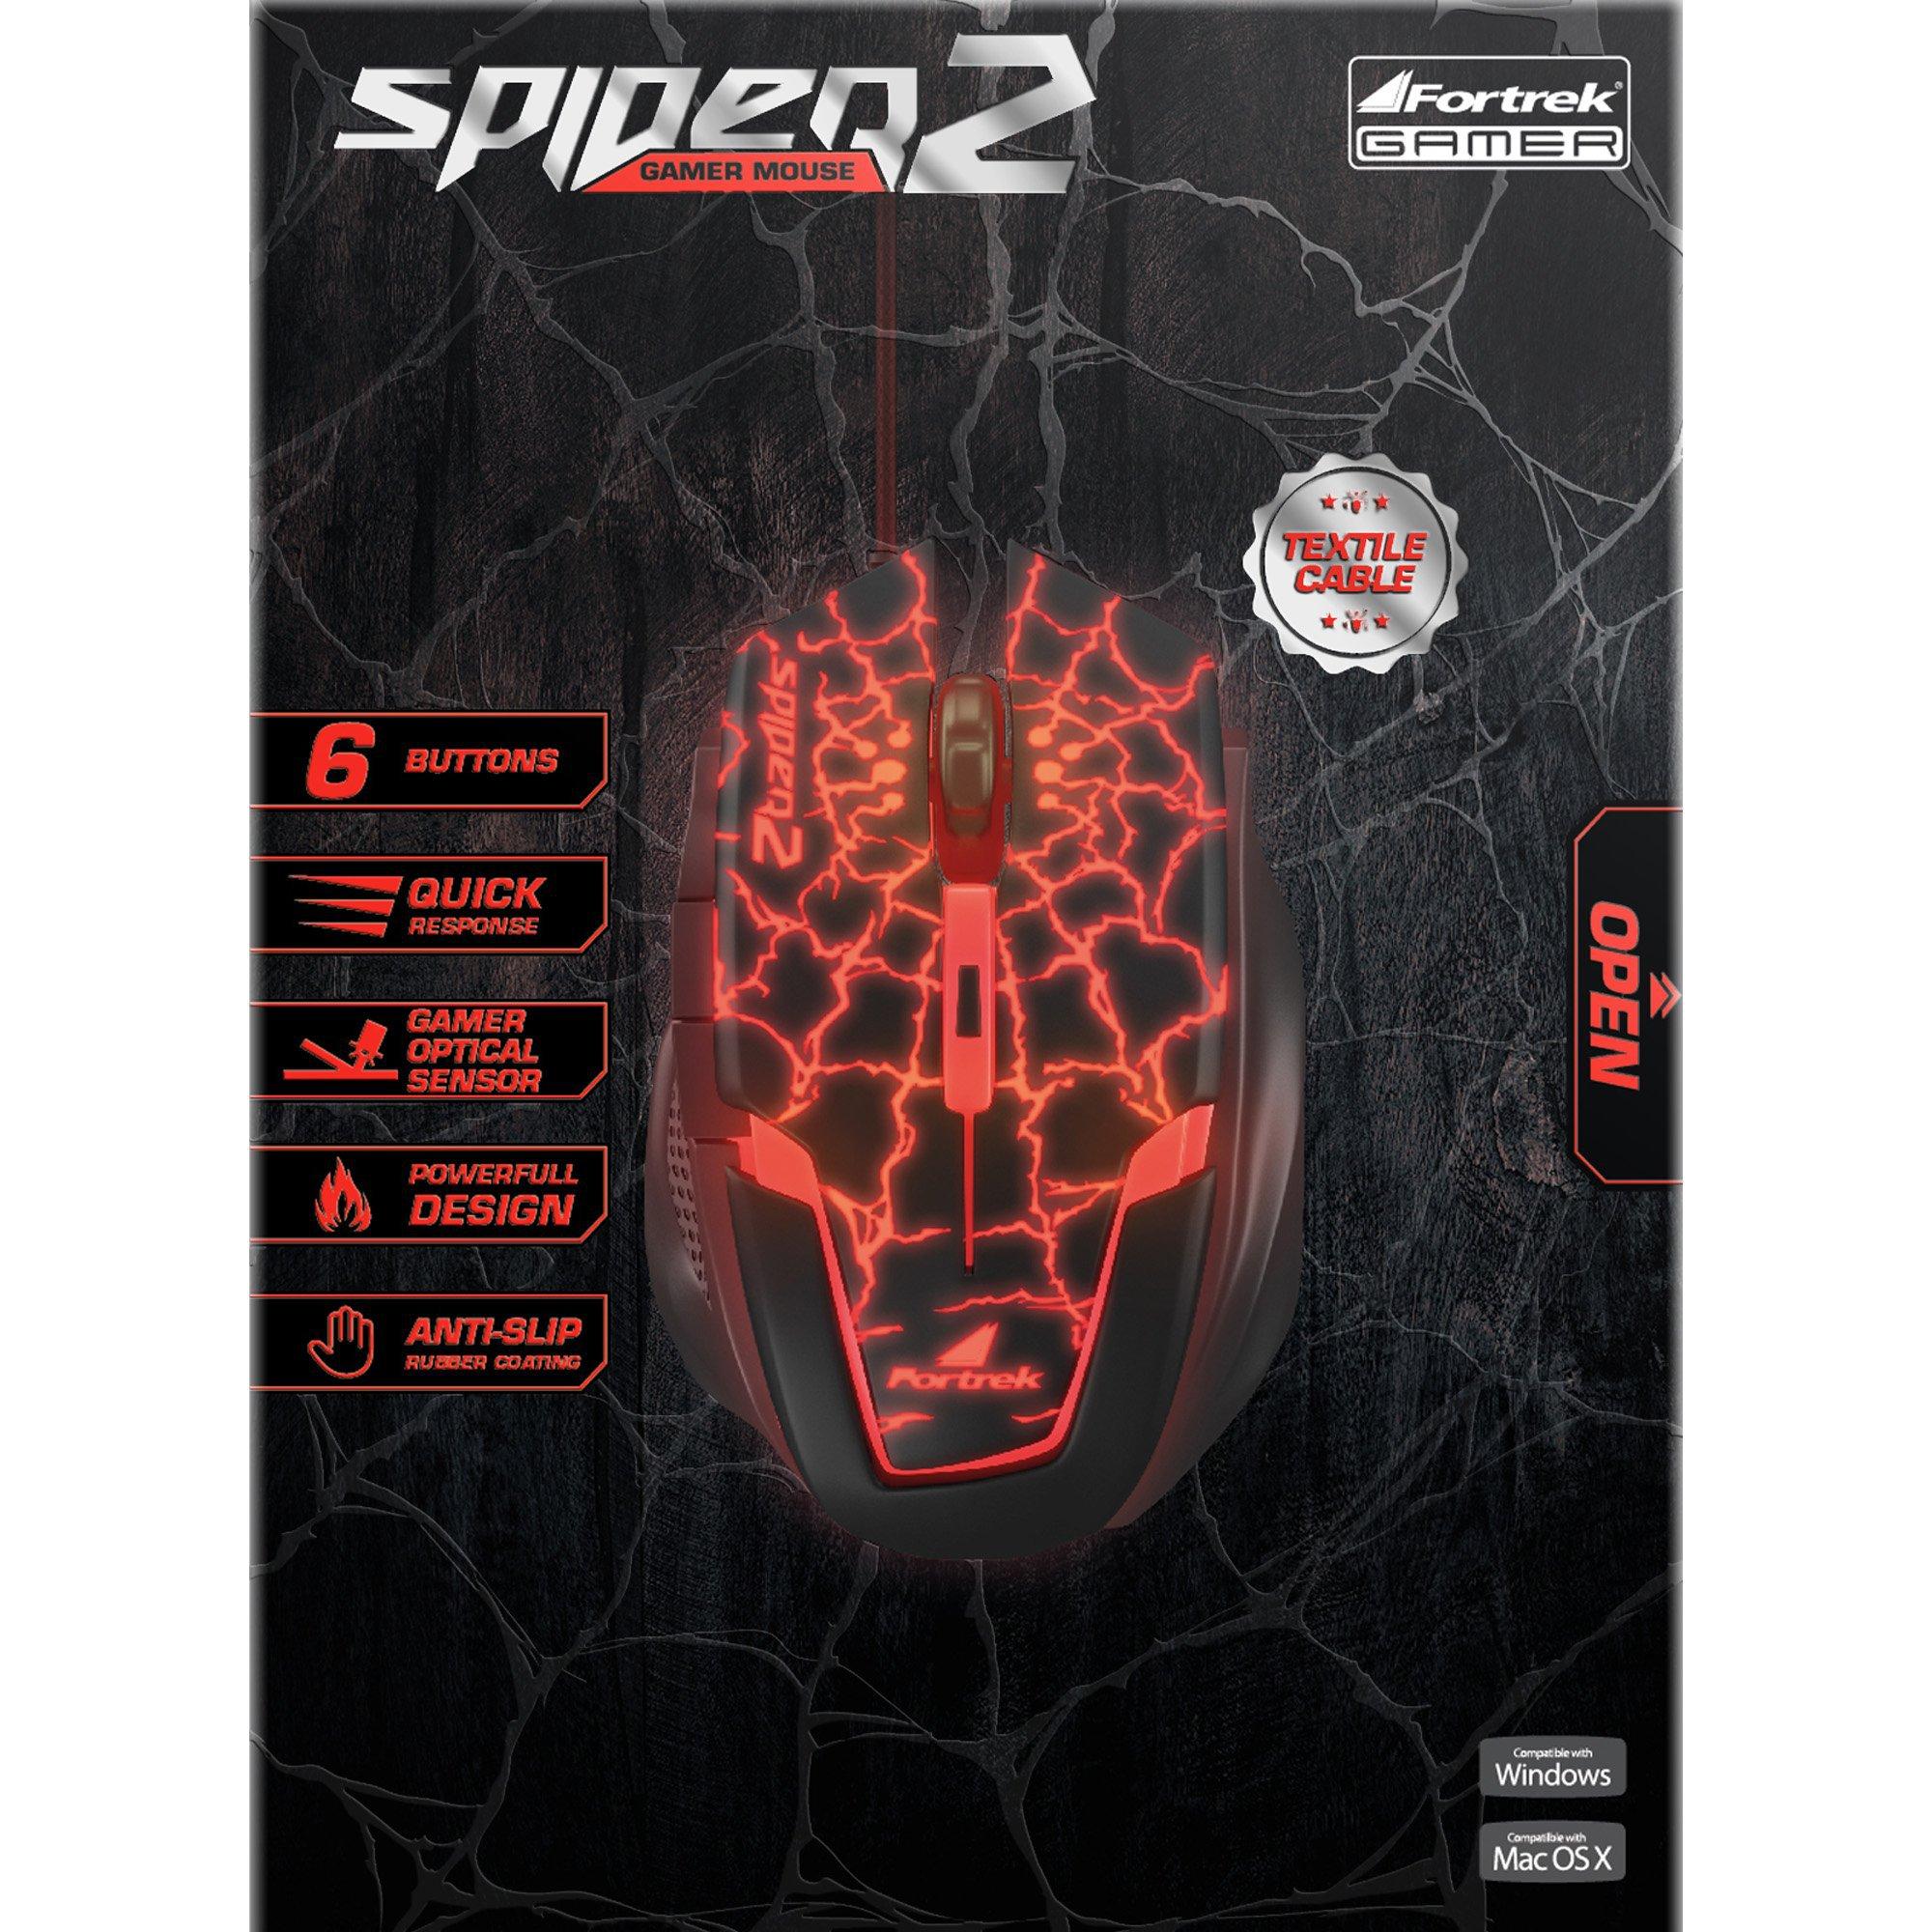 mouse usb gamer oferta quente preto vermelho fortrek 2 om 705 3200dpi spider 42929 2000 181182